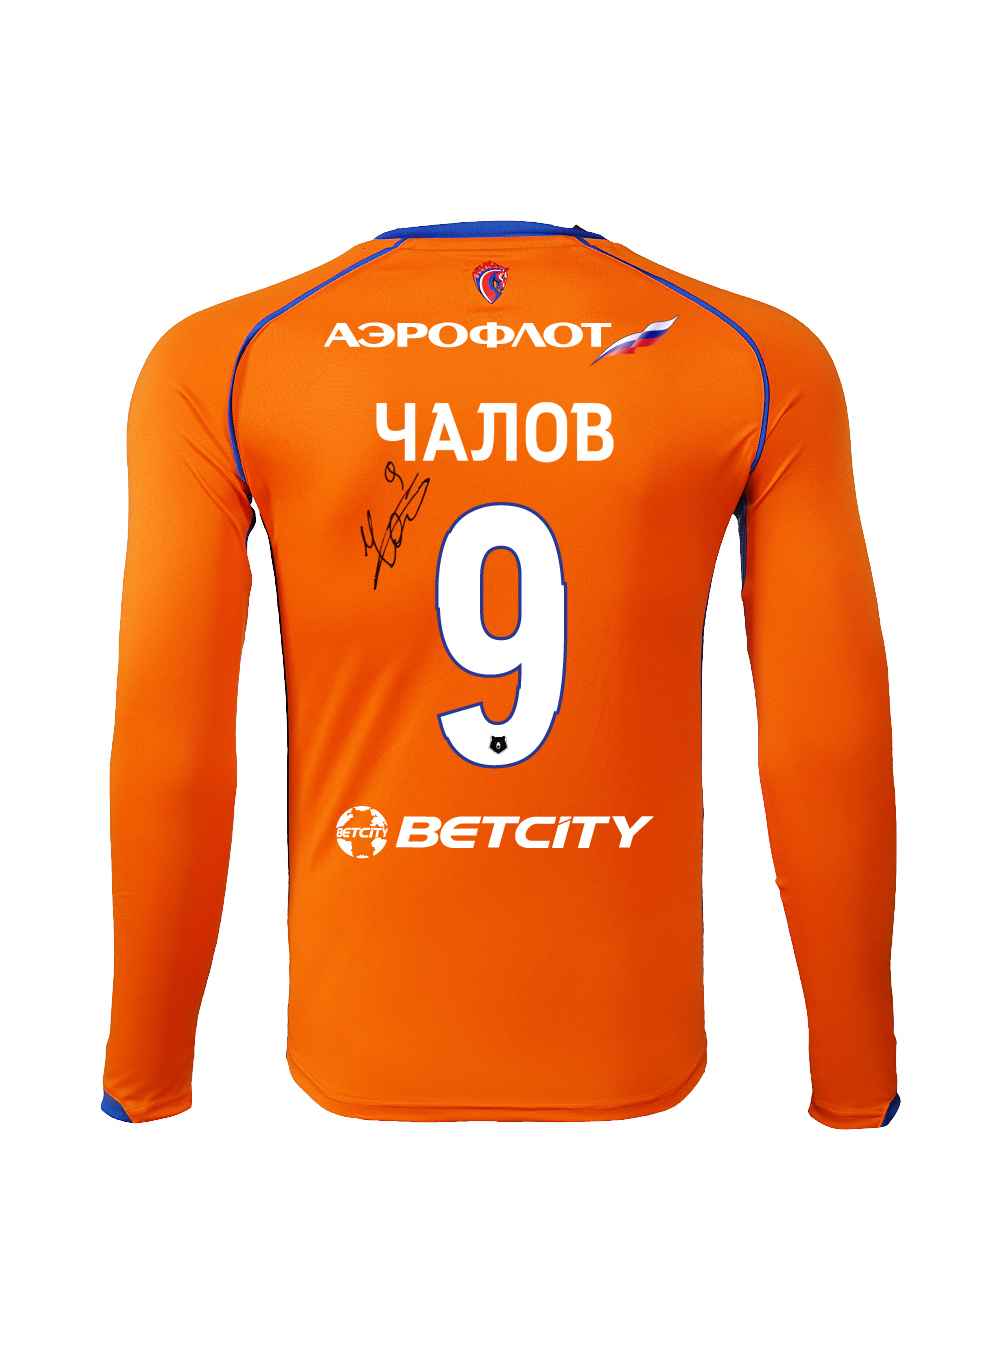 Купить Футболка игровая резервная с длинным рукавом с автографом ЧАЛОВА (XL) по Нижнему Новгороду